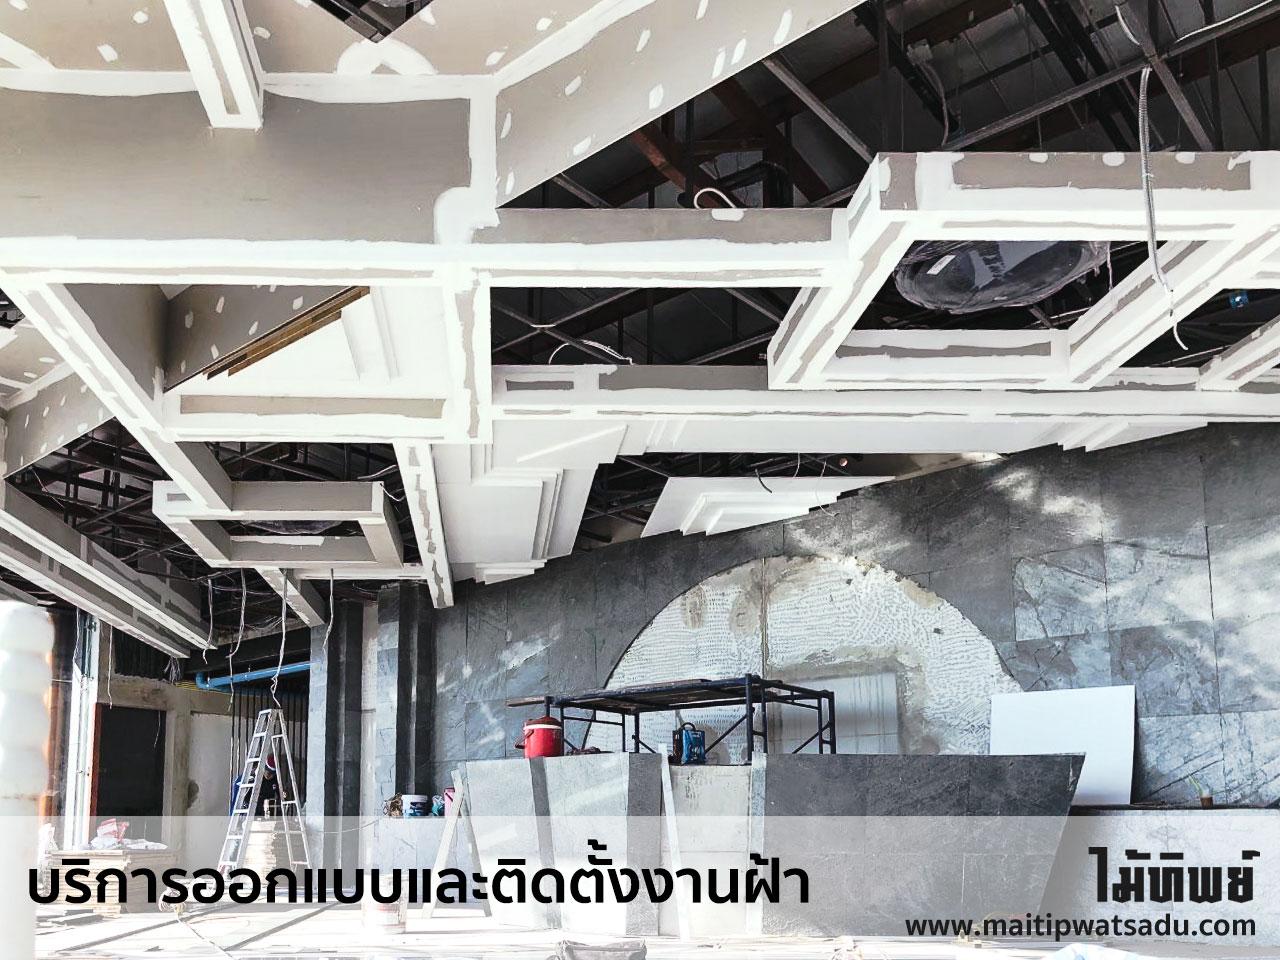 บริการออกแบบ ติดตั้ง ฝ้าเพดาน